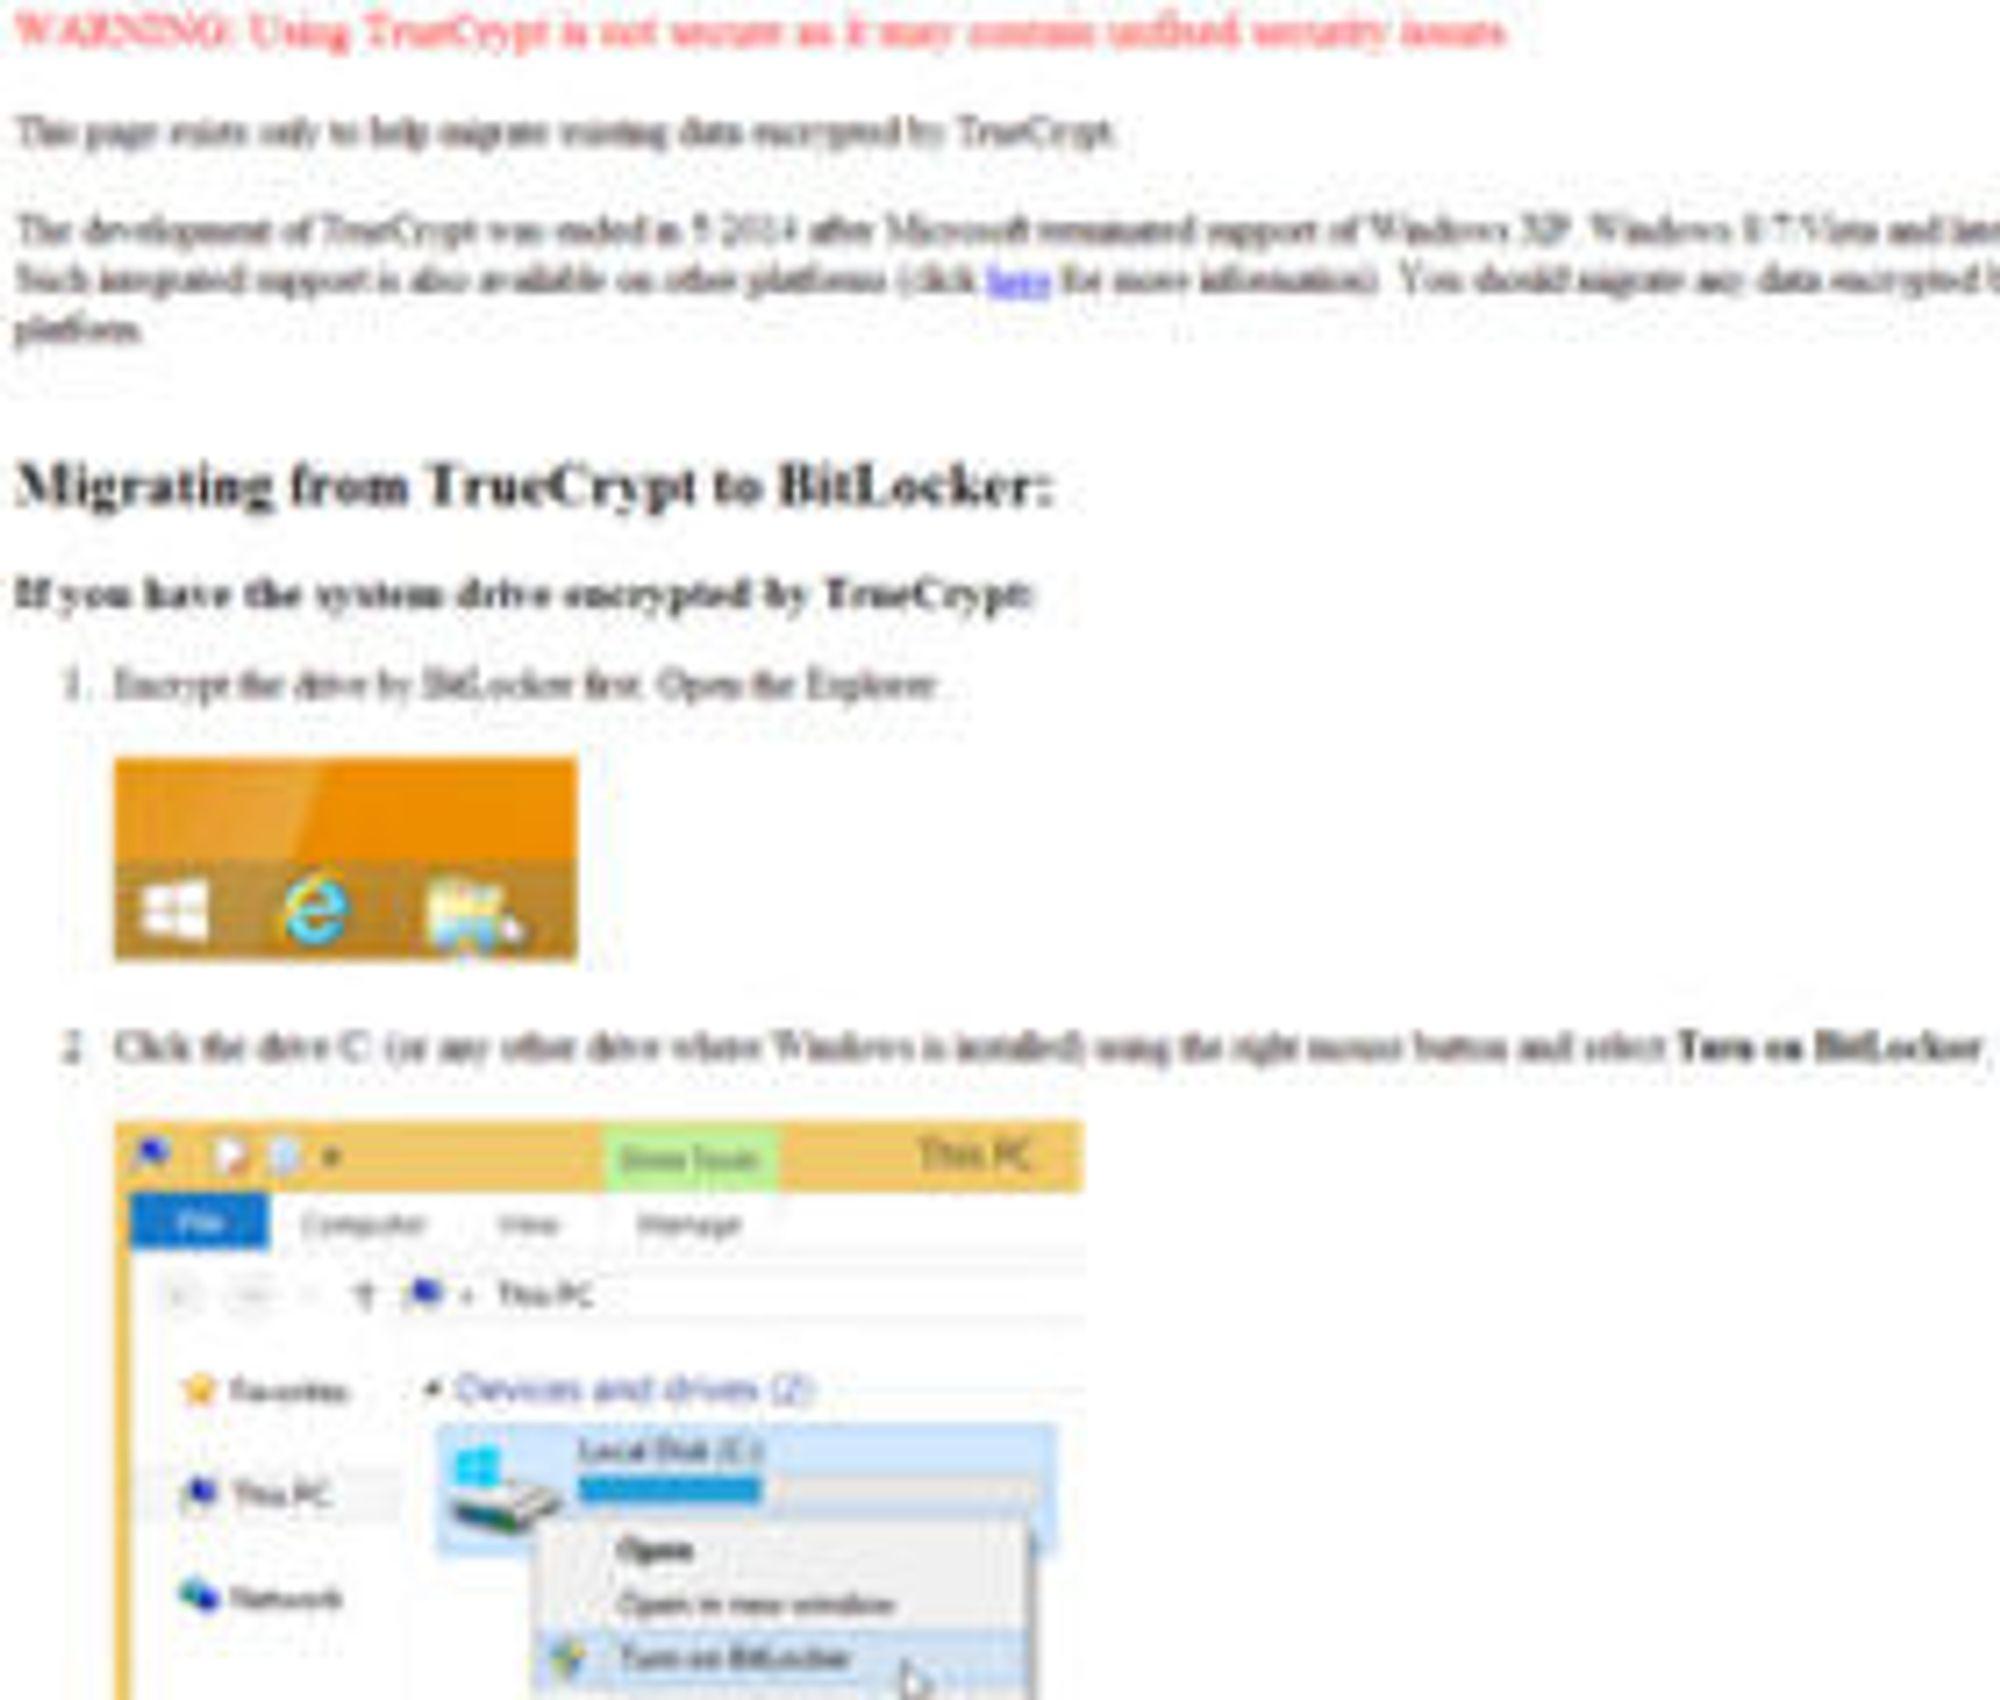 I en melding advarer utgiverne av TrueCrypt mot bruk av programvaren. Mer skal heller ikke til for å ødelegge tilliten til programmet.